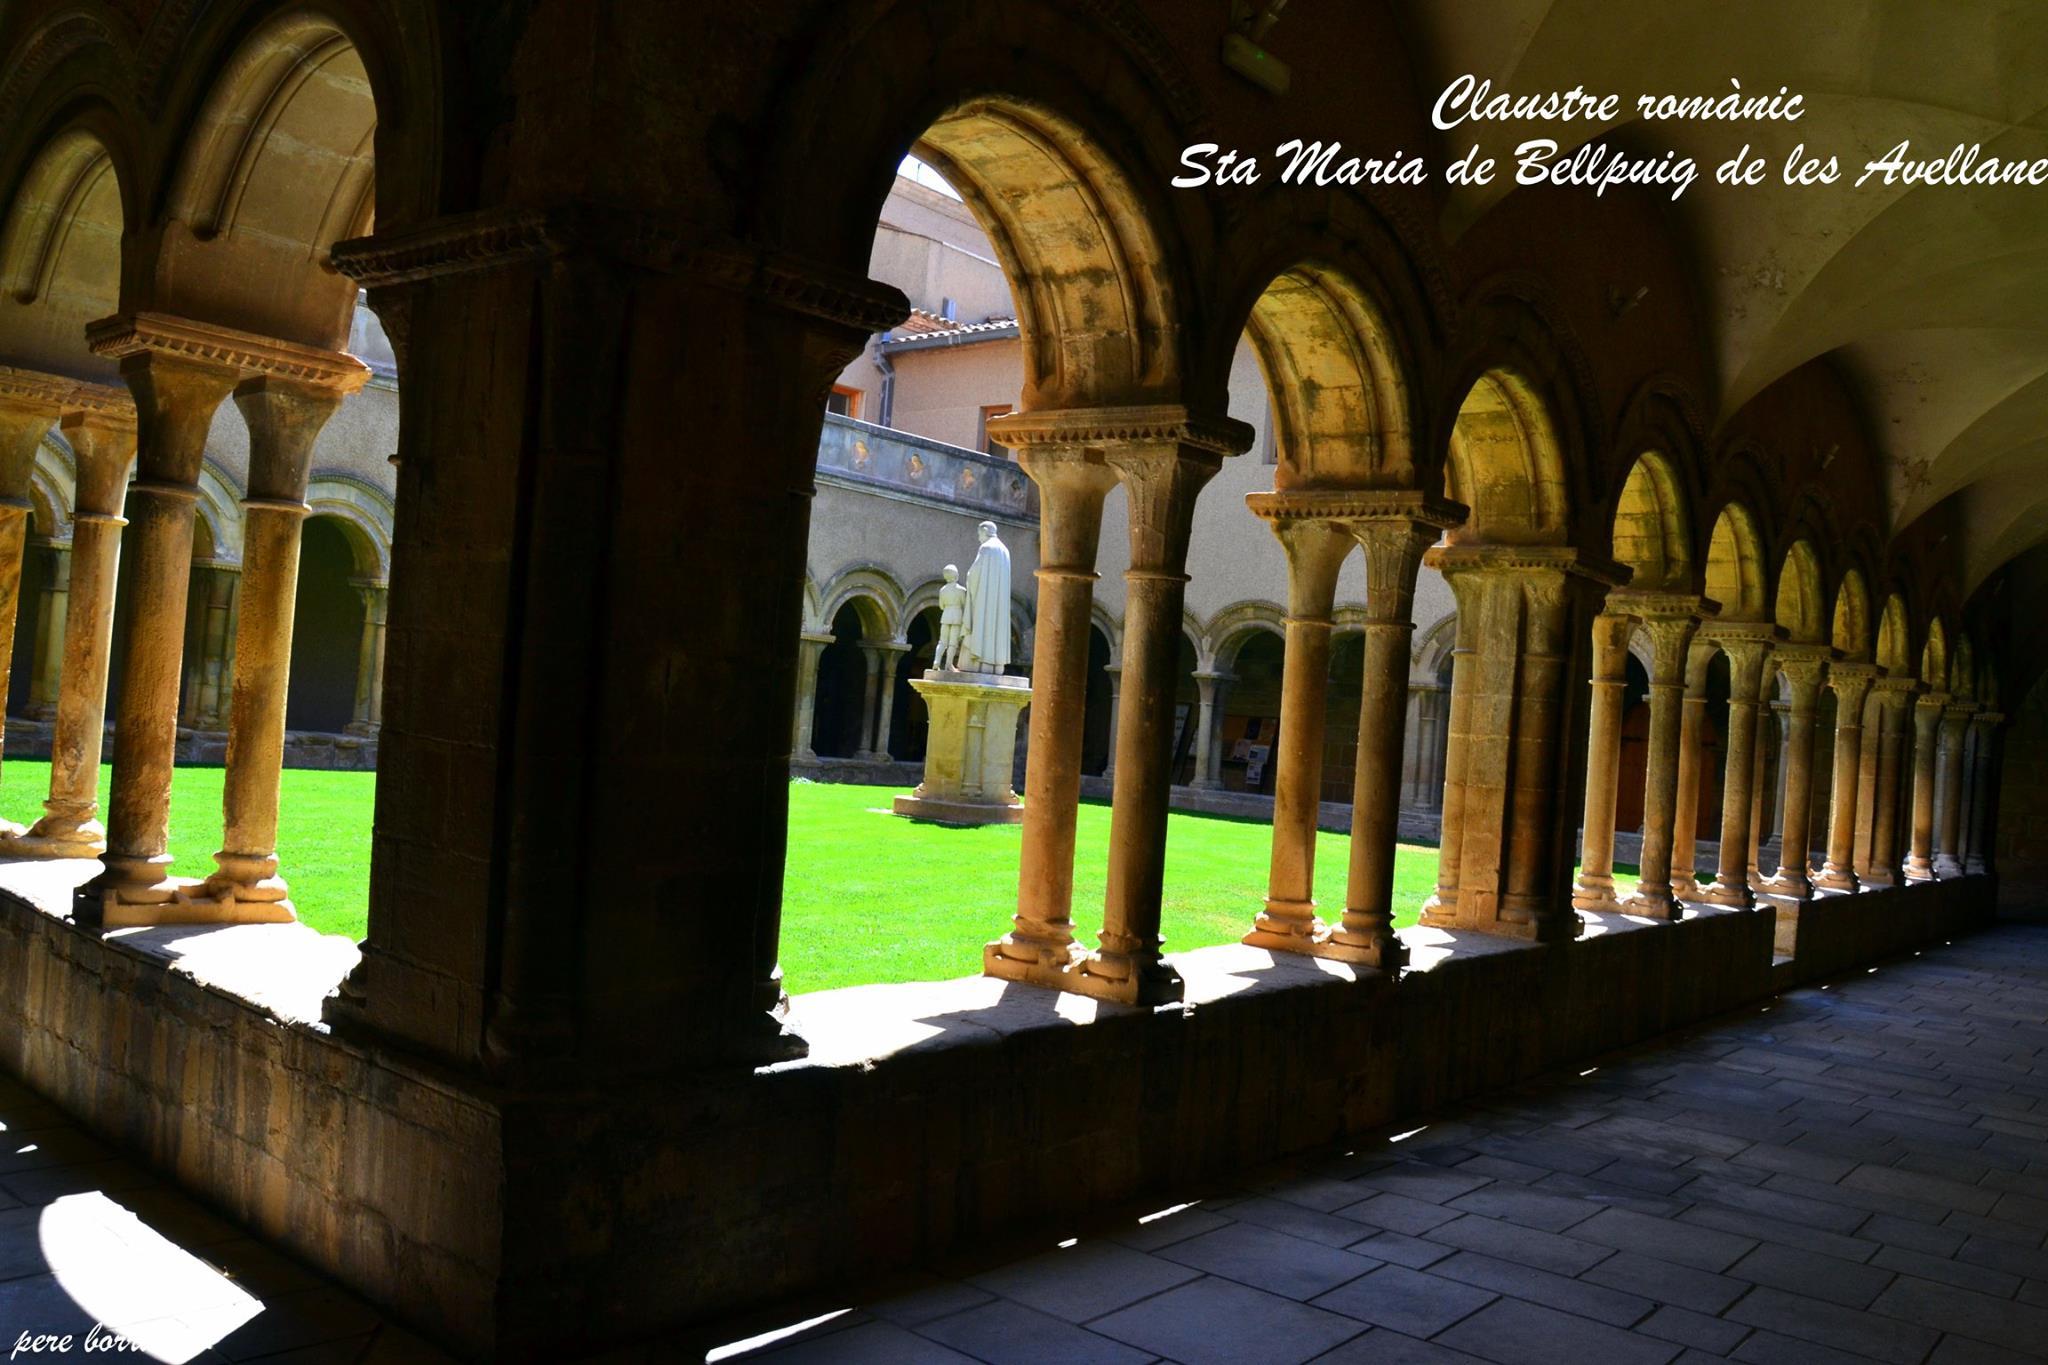 Claustro del Monasterio de Santa Maria de Bellpuig de les Avellanes en Lérida (antigua abadía del s. XII)